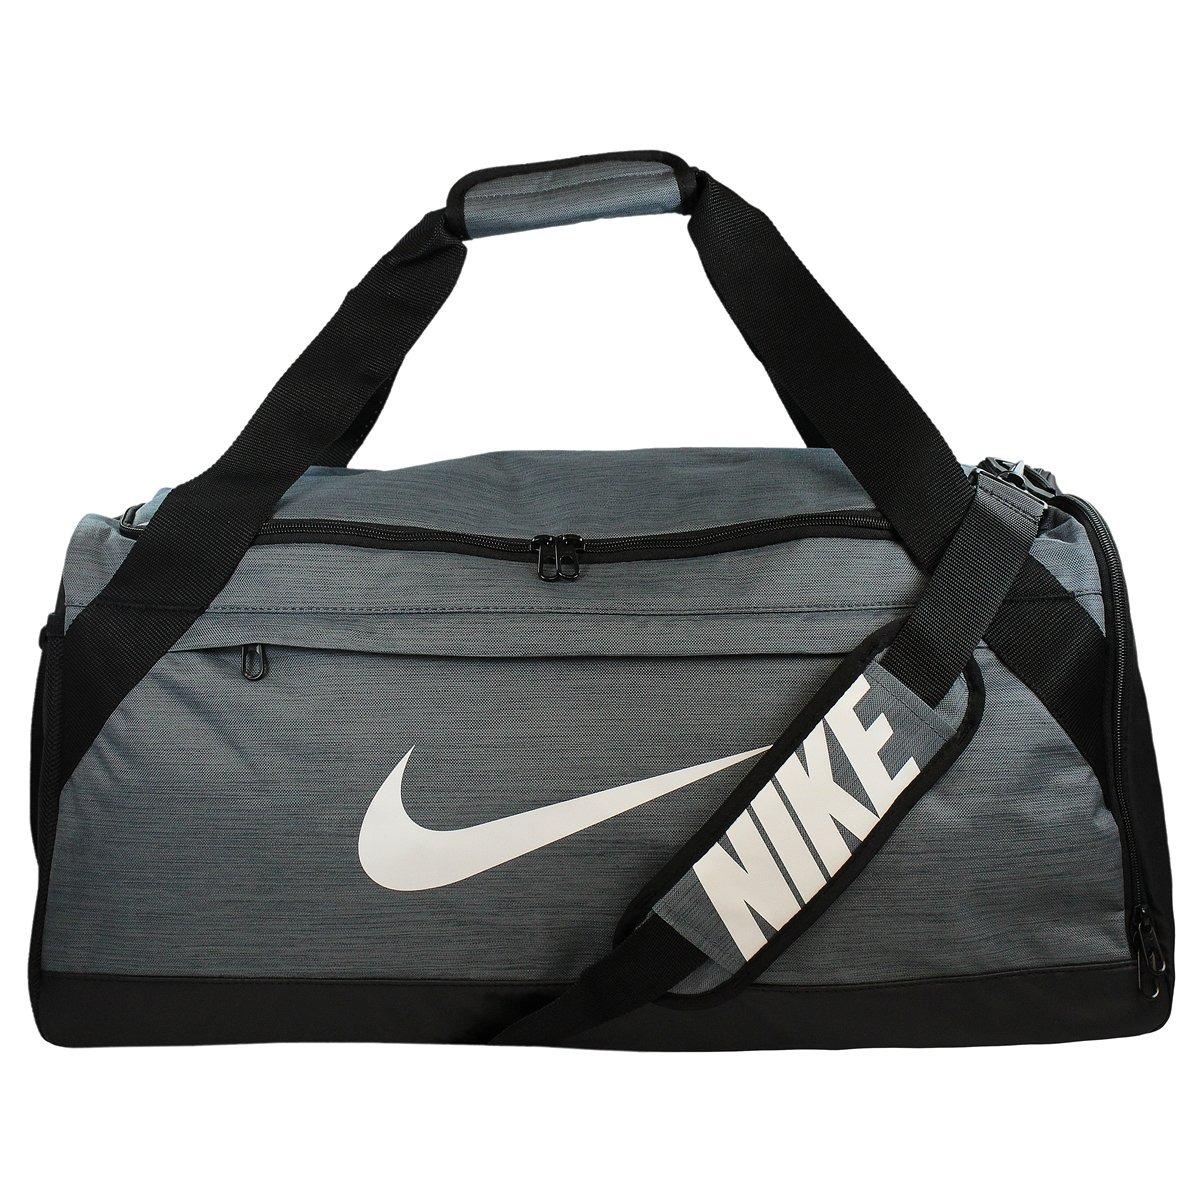 47173bccf Bolsa Nike Brasília Média Duff - R$ 139,89 em Mercado Livre